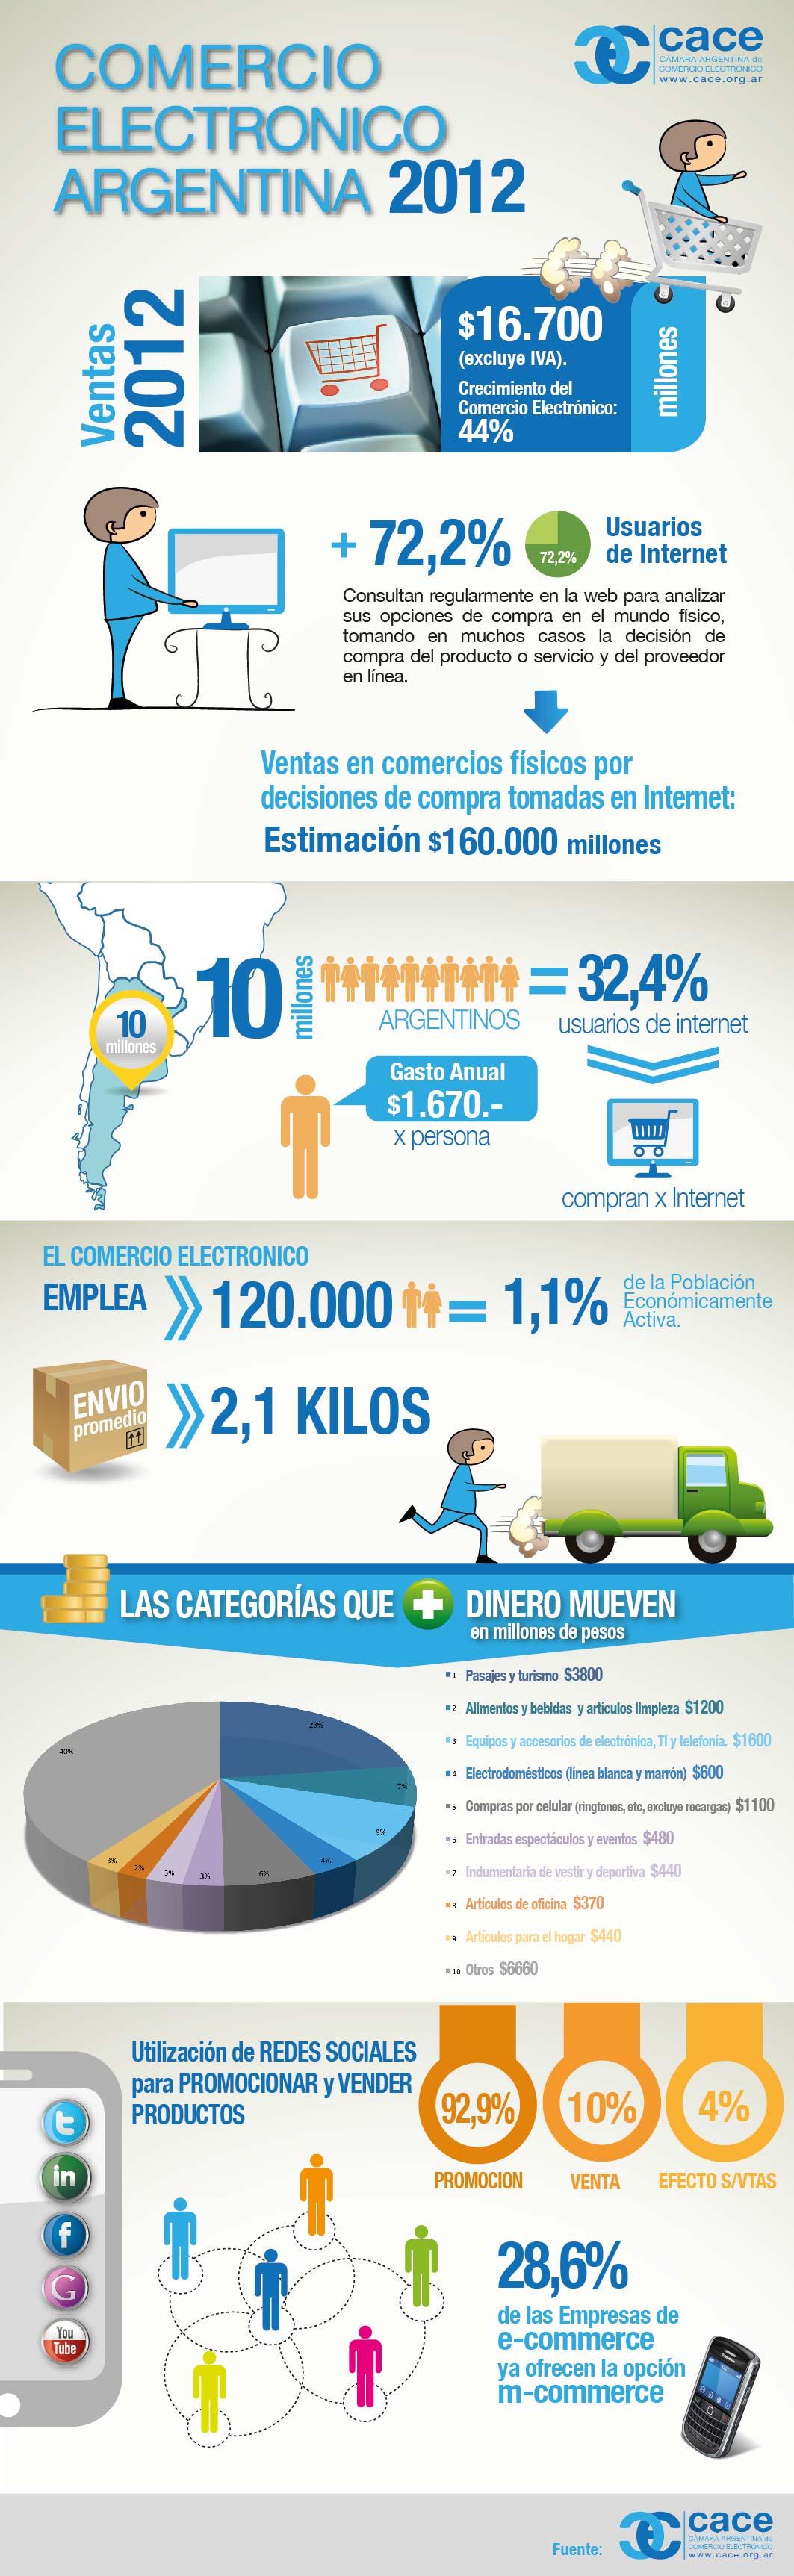 Ecommerce en Argentina en 2012